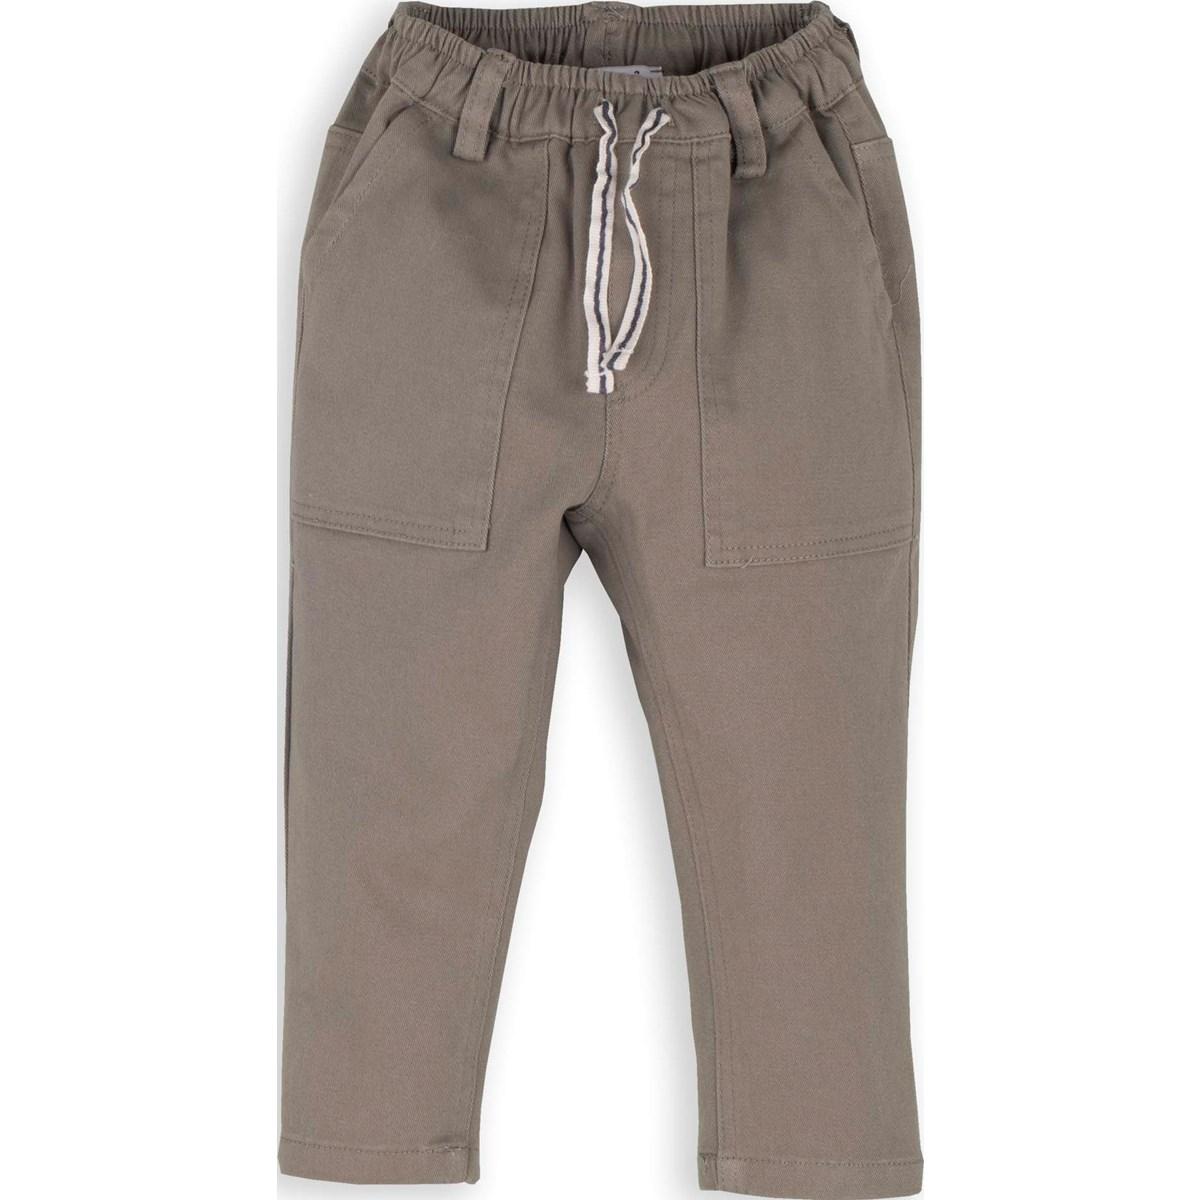 13904 Pantolon 1